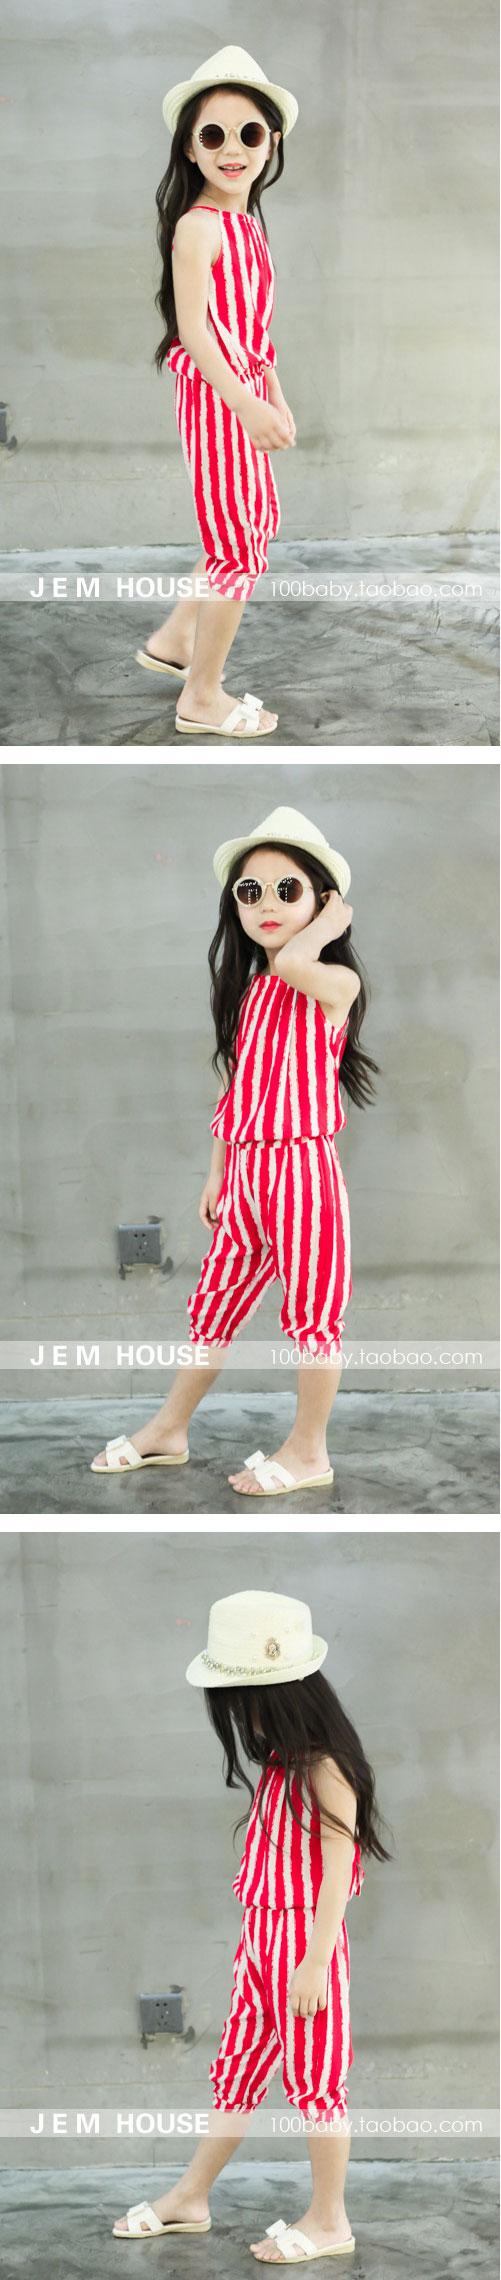 ชุดเสื้อกางเกงเด็ก ชุดเด็ก ชุดแฟชั่นเด็ก ชุดเซตเสื้อกางเกงเด็ก ชุดเสื้อกางเกงเด็กลายทาง เสื้อเด็กลายทางแดงขาว เสื้อเด็กลายทางแดงขาว เสื้อสายเดี่ยวเด็กแดงขาว กางเกงเด็กลายทางแดงขาว กางเกงเด็กผู้หญิง กางเกงเด็กเอวยางยืด กางเกงเด็กสีแดงขาว